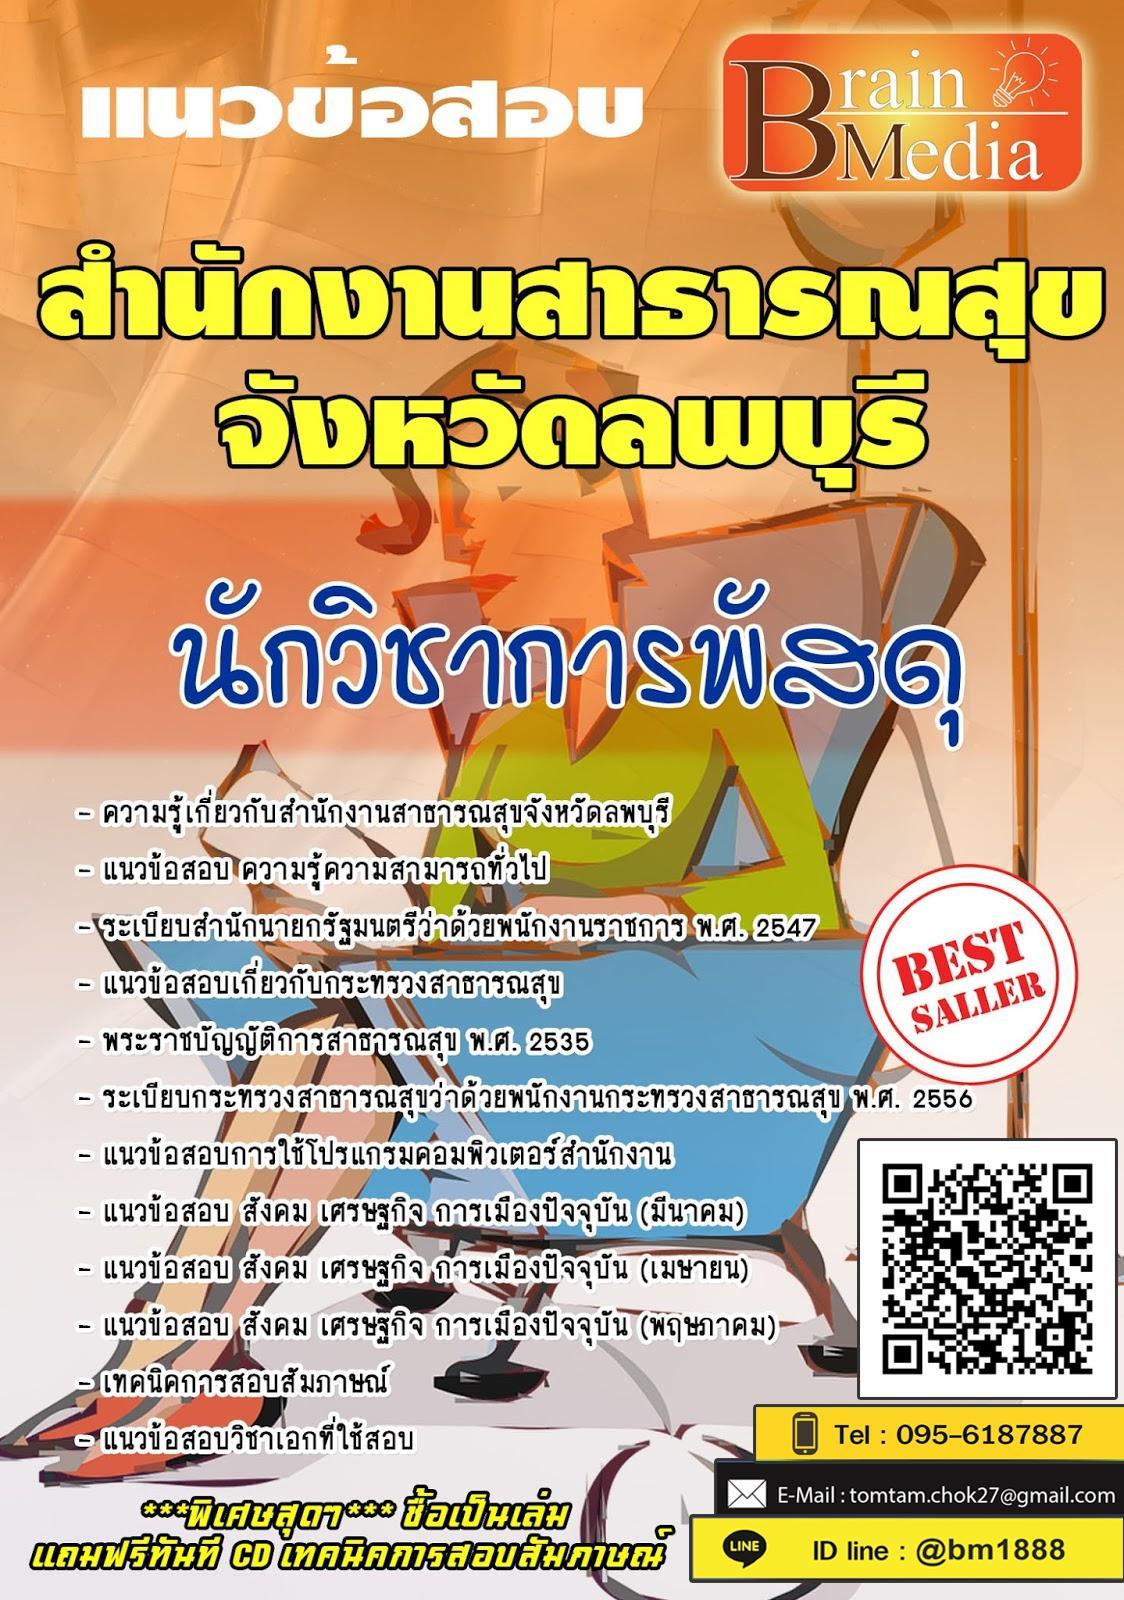 สรุปแนวข้อสอบ(พร้อมเฉลย) นักวิชาการพัสดุ สำนักงานสาธารณสุขจังหวัดลพบุรี